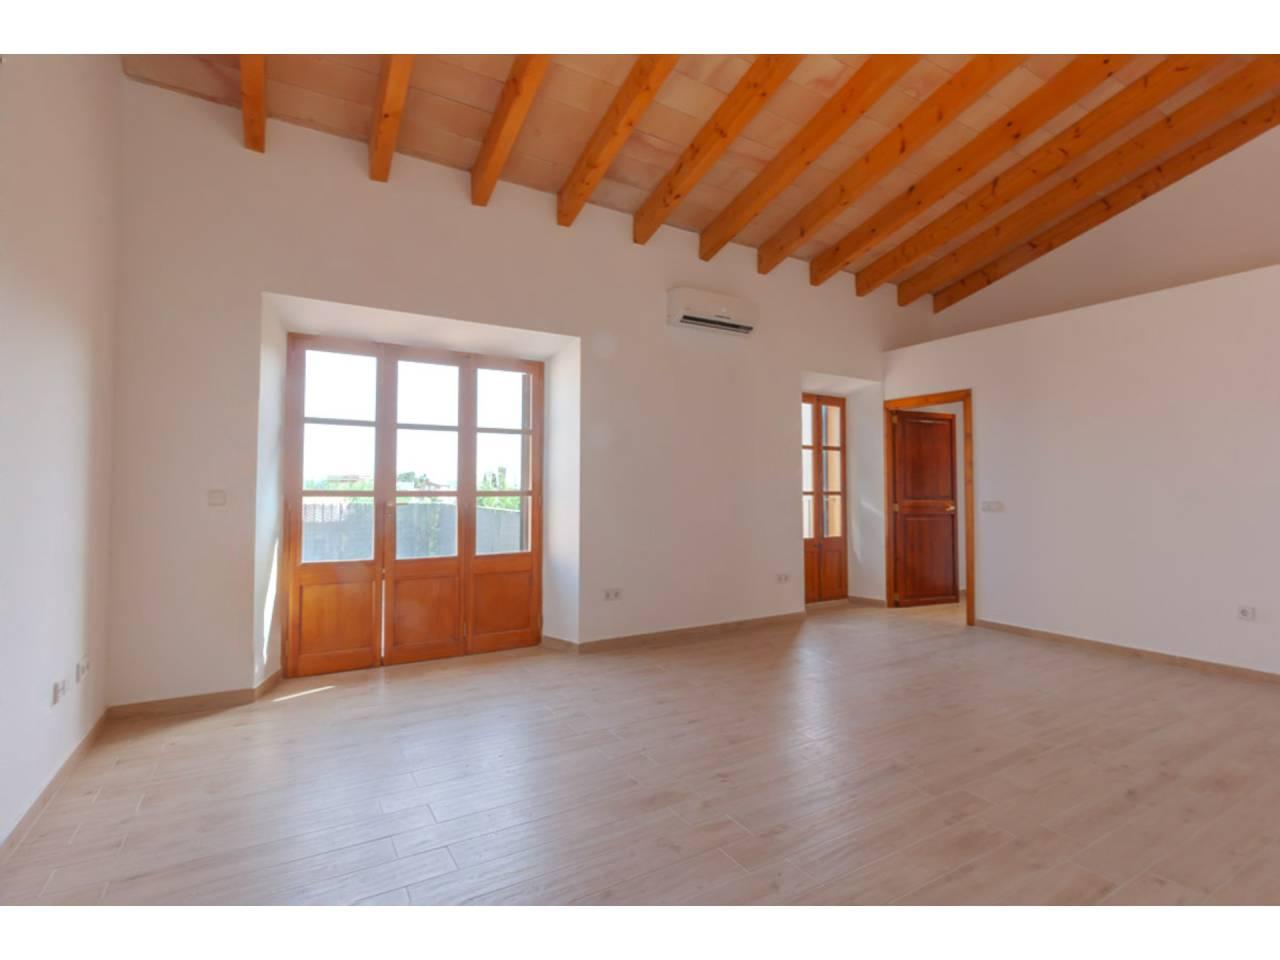 Flat  Santa eugènia. Primer piso techo libre en santa eugenia. totalmente restaurado